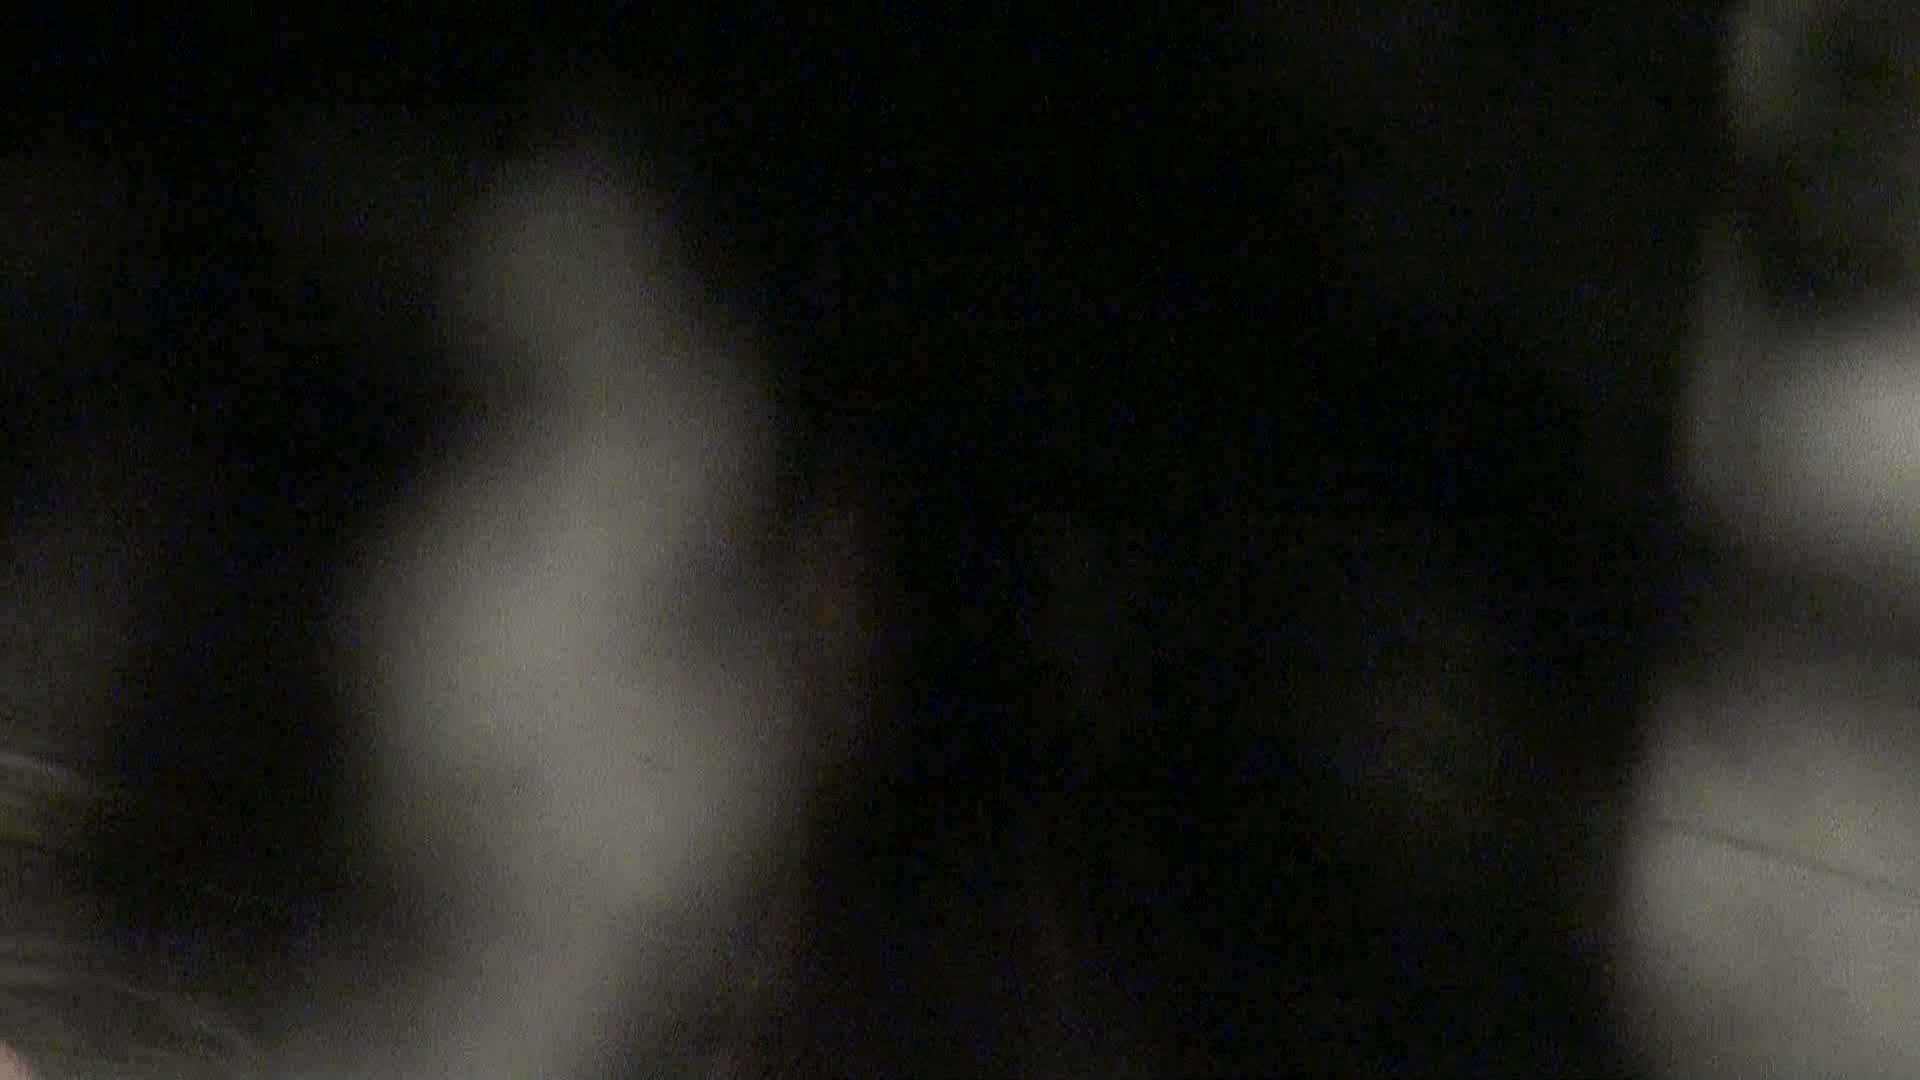 Aquaな露天風呂Vol.414 盗撮師作品 | 美しいOLの裸体  75pic 19